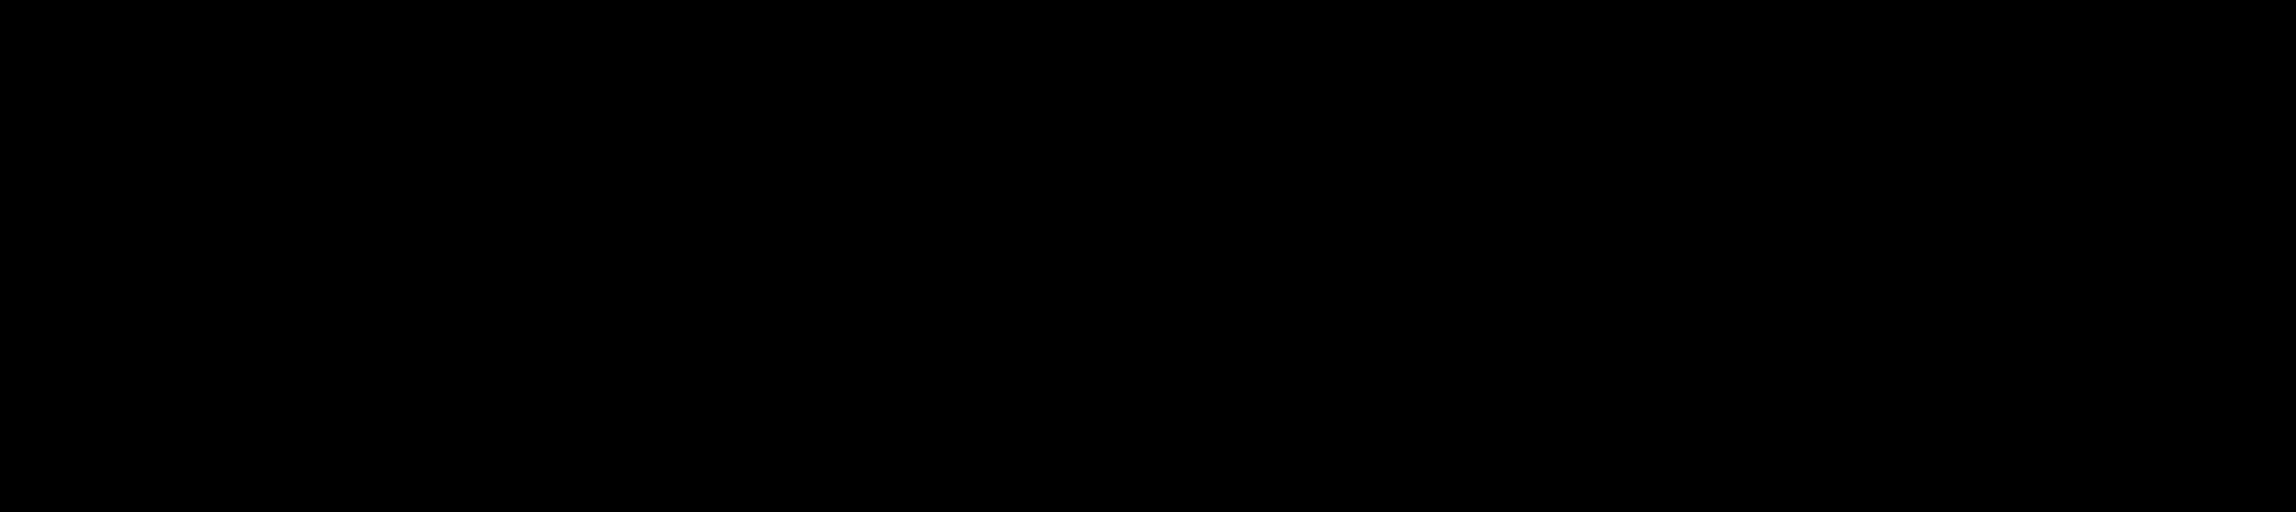 Logo e Payoff Nero - Ecoteti srl Intelligenza Ambientale Leader di Settore Smaltimento Rifiuti e Bonifica Amianto